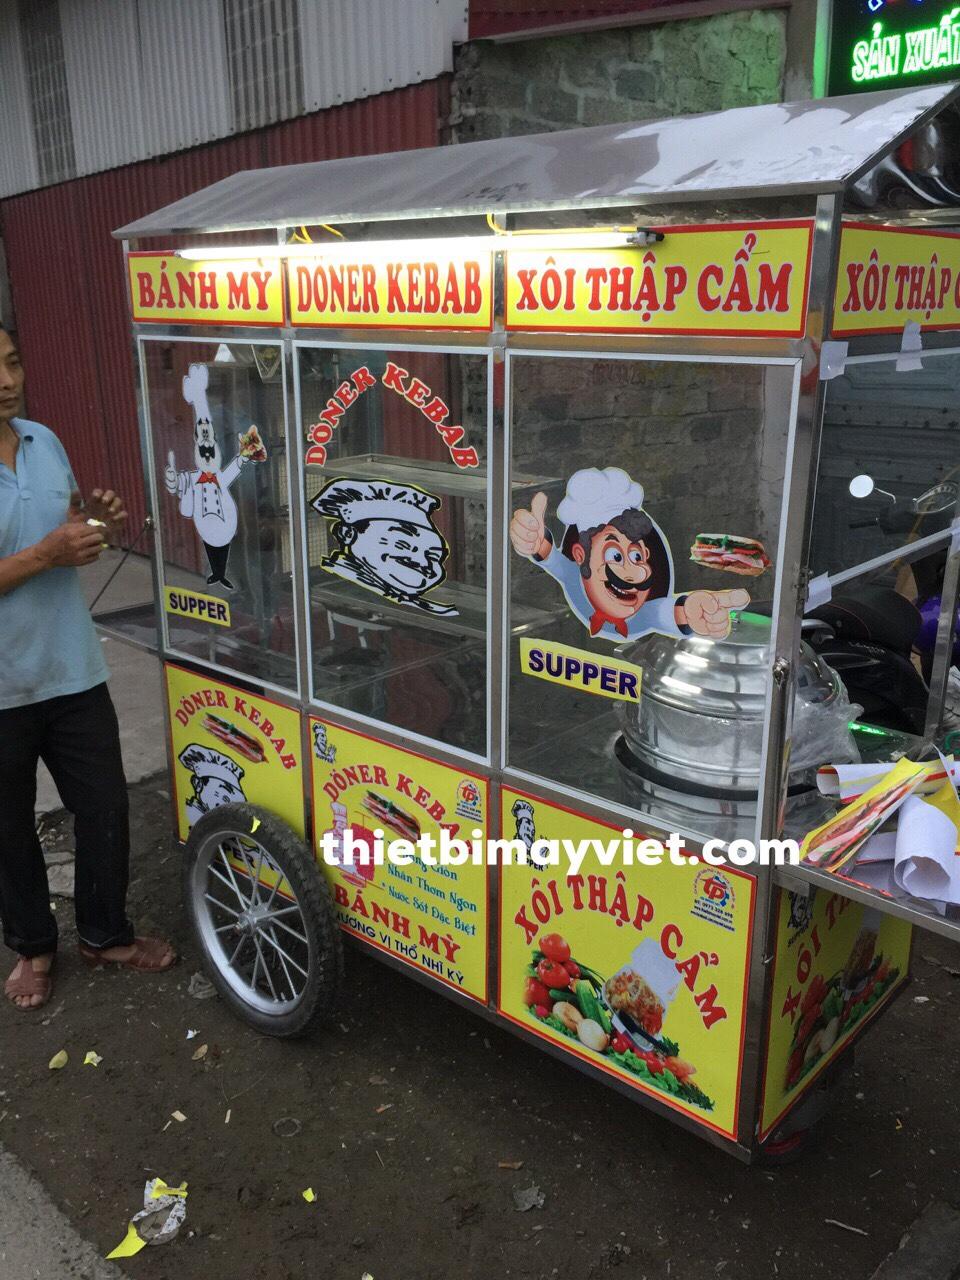 Xe bánh mì Doner Kebab kèm bán xôi 1m8